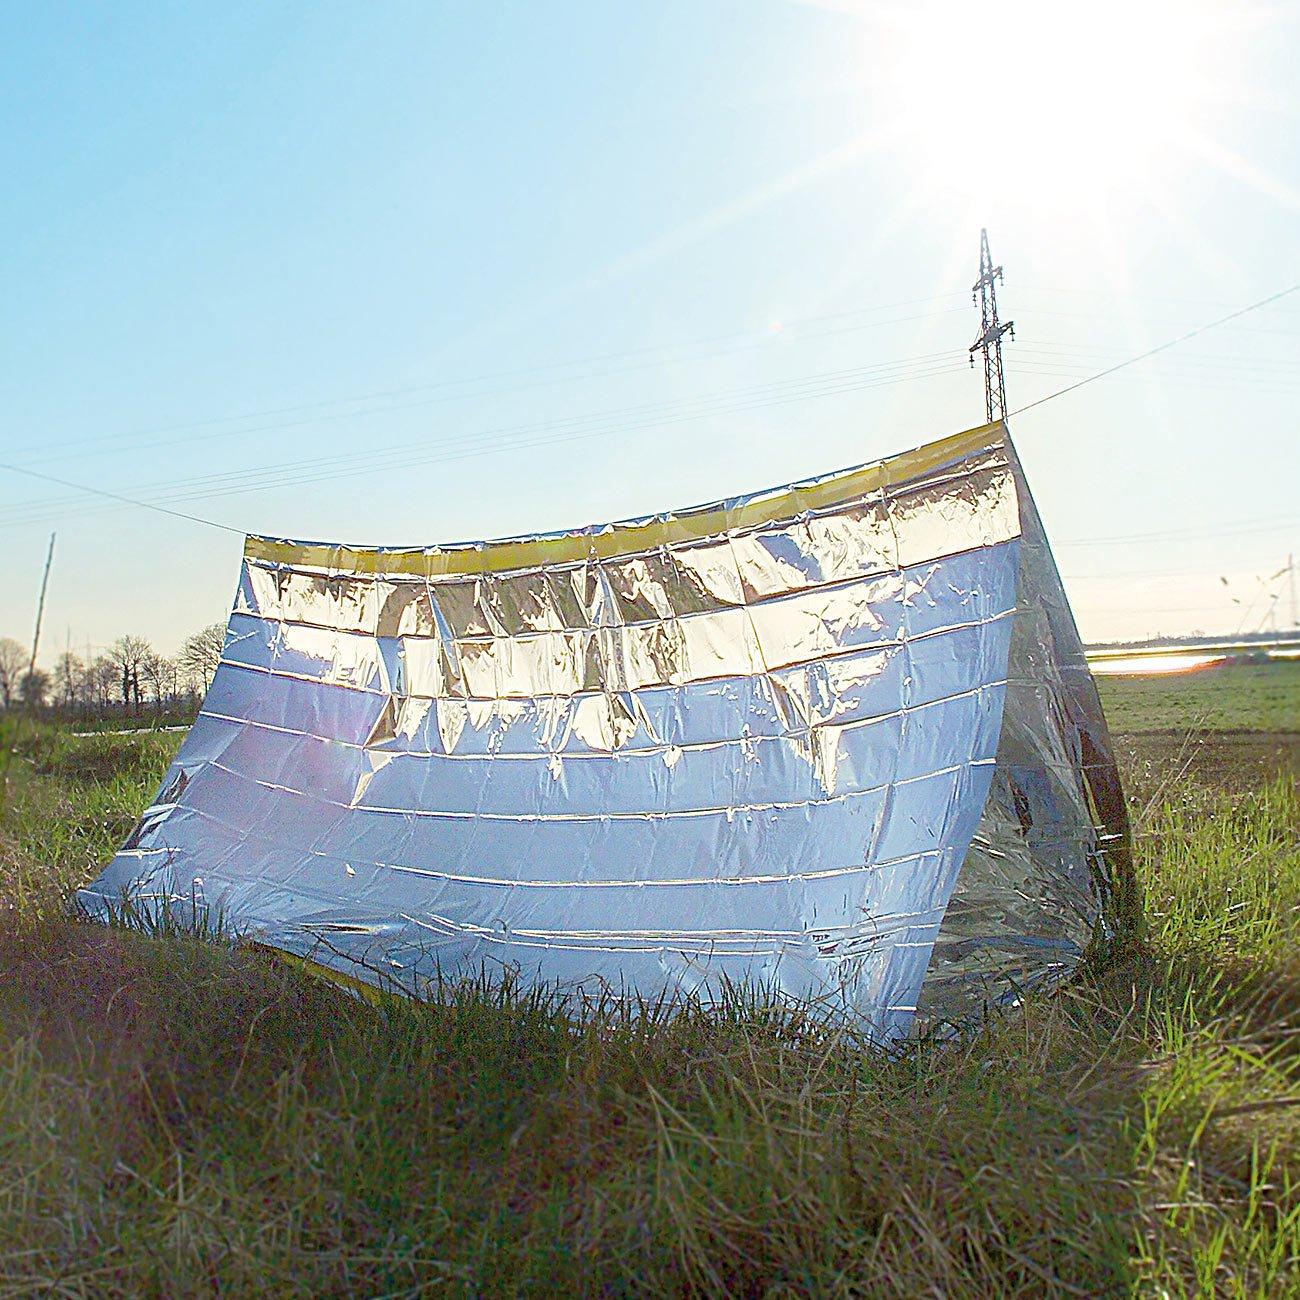 Notfall Zelt, Notfall Zelt kaufen, Notfall Zelt Test, Zelt für Notfall, Ersatz Zelt, günstiges Notfall Zelt, gutes Notfall Zelt, bestes Notfall Zelt